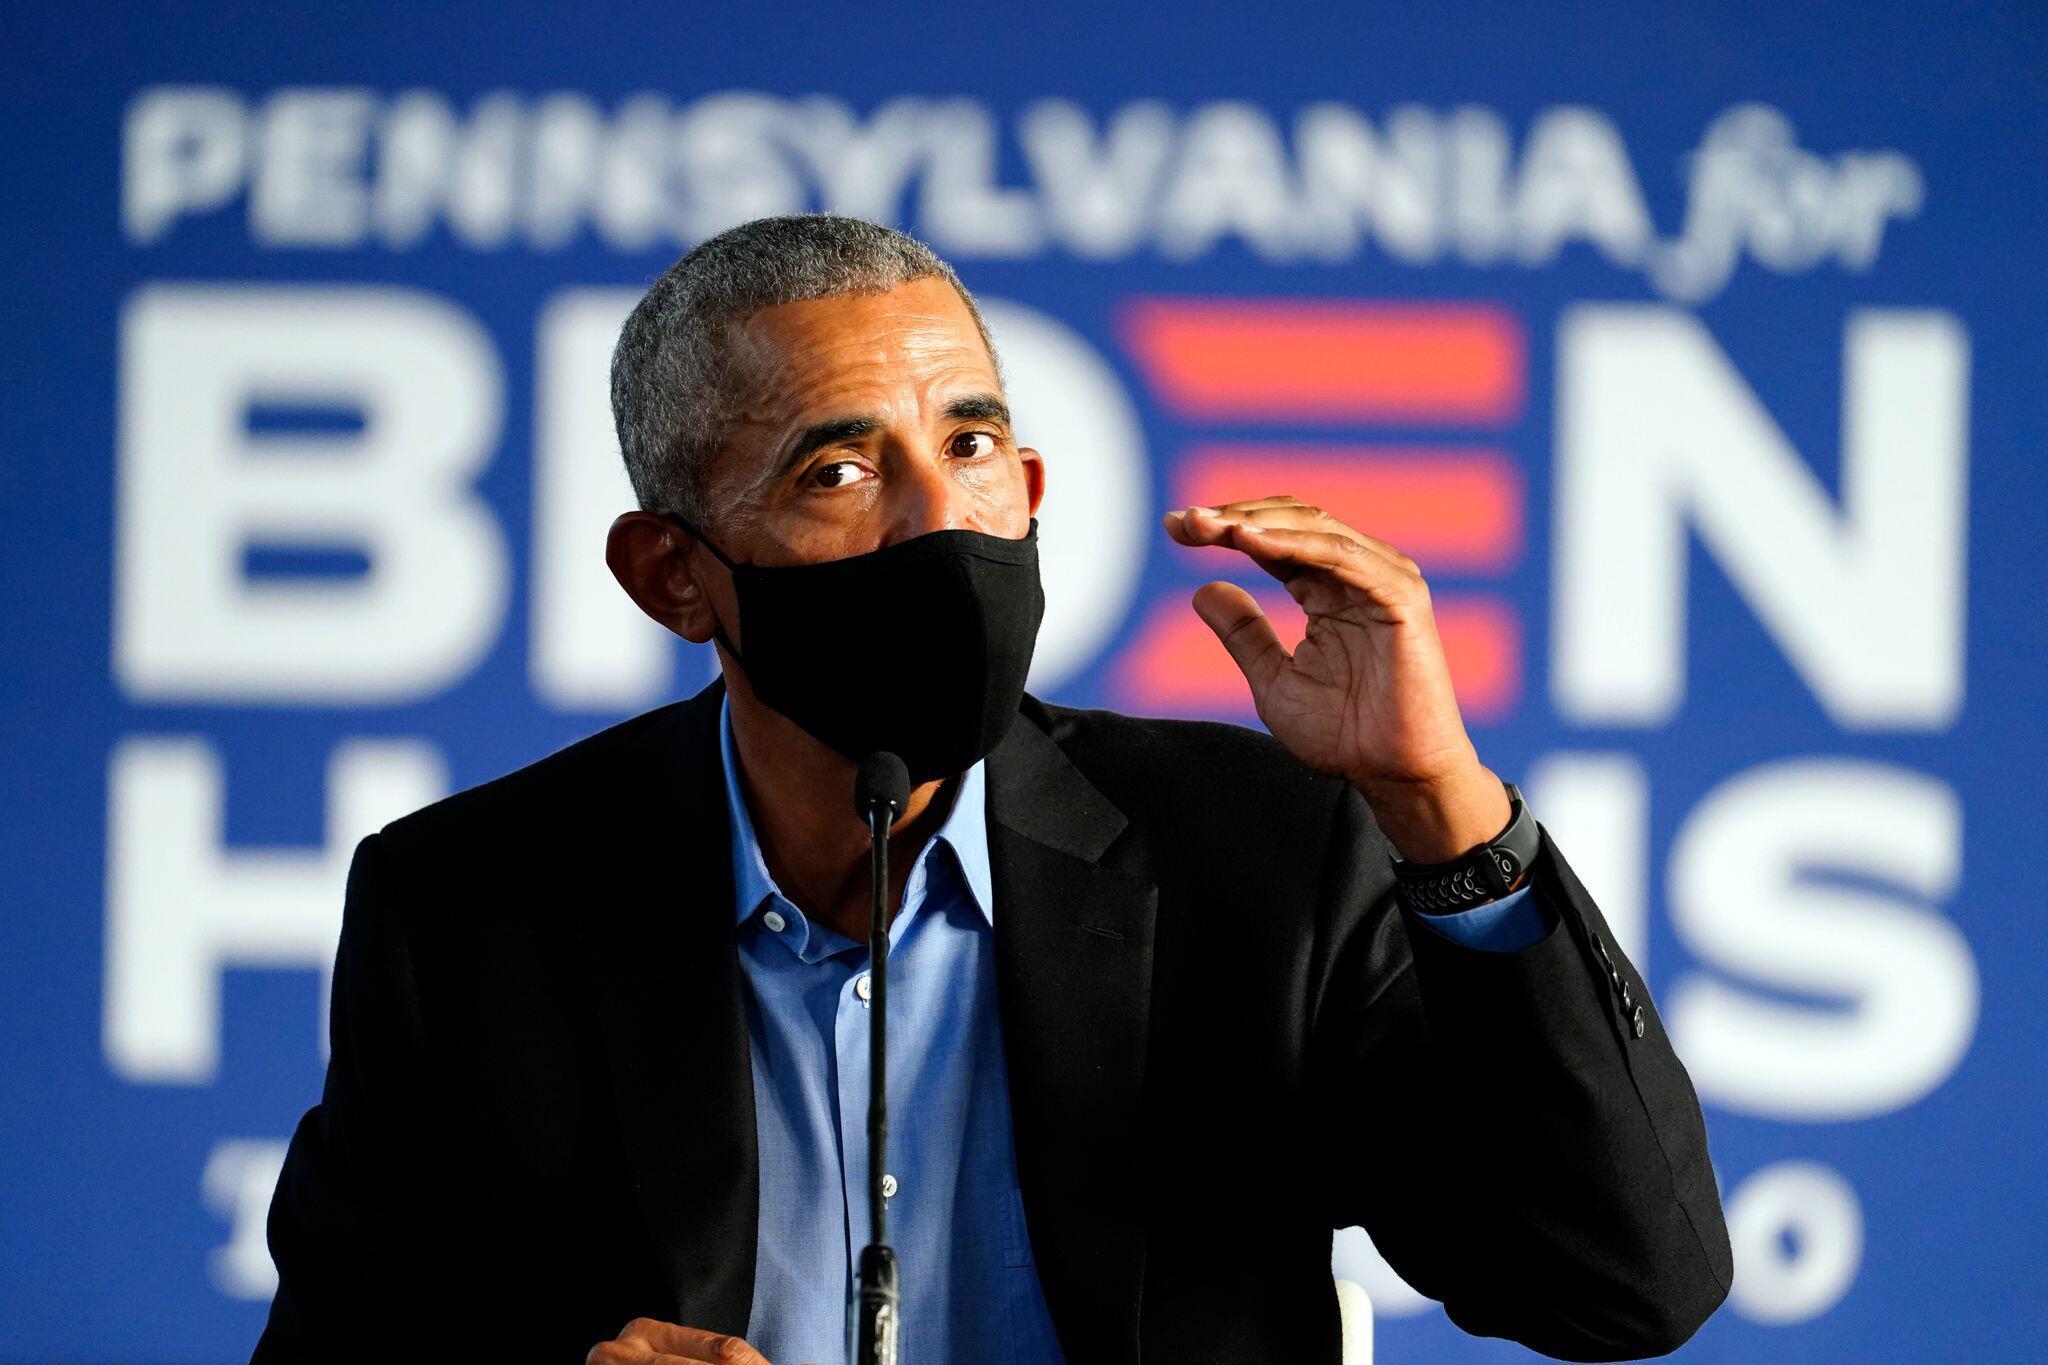 Bild zu Wahlkampf in den USA - Obama